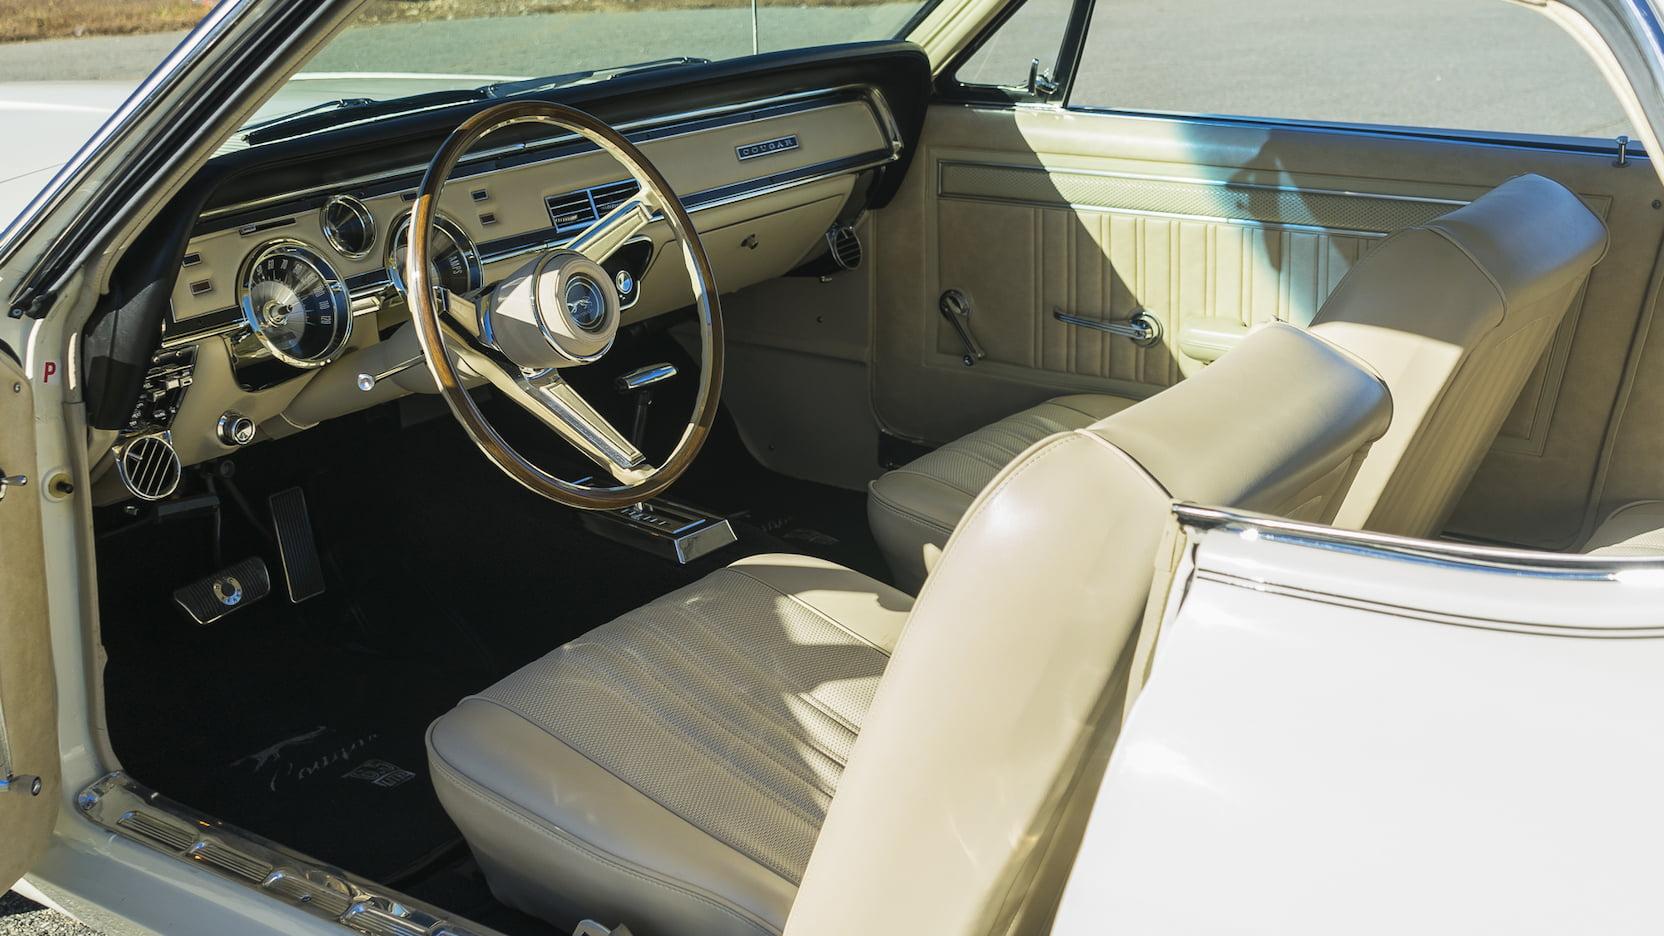 1967 Mercury Cougar interior